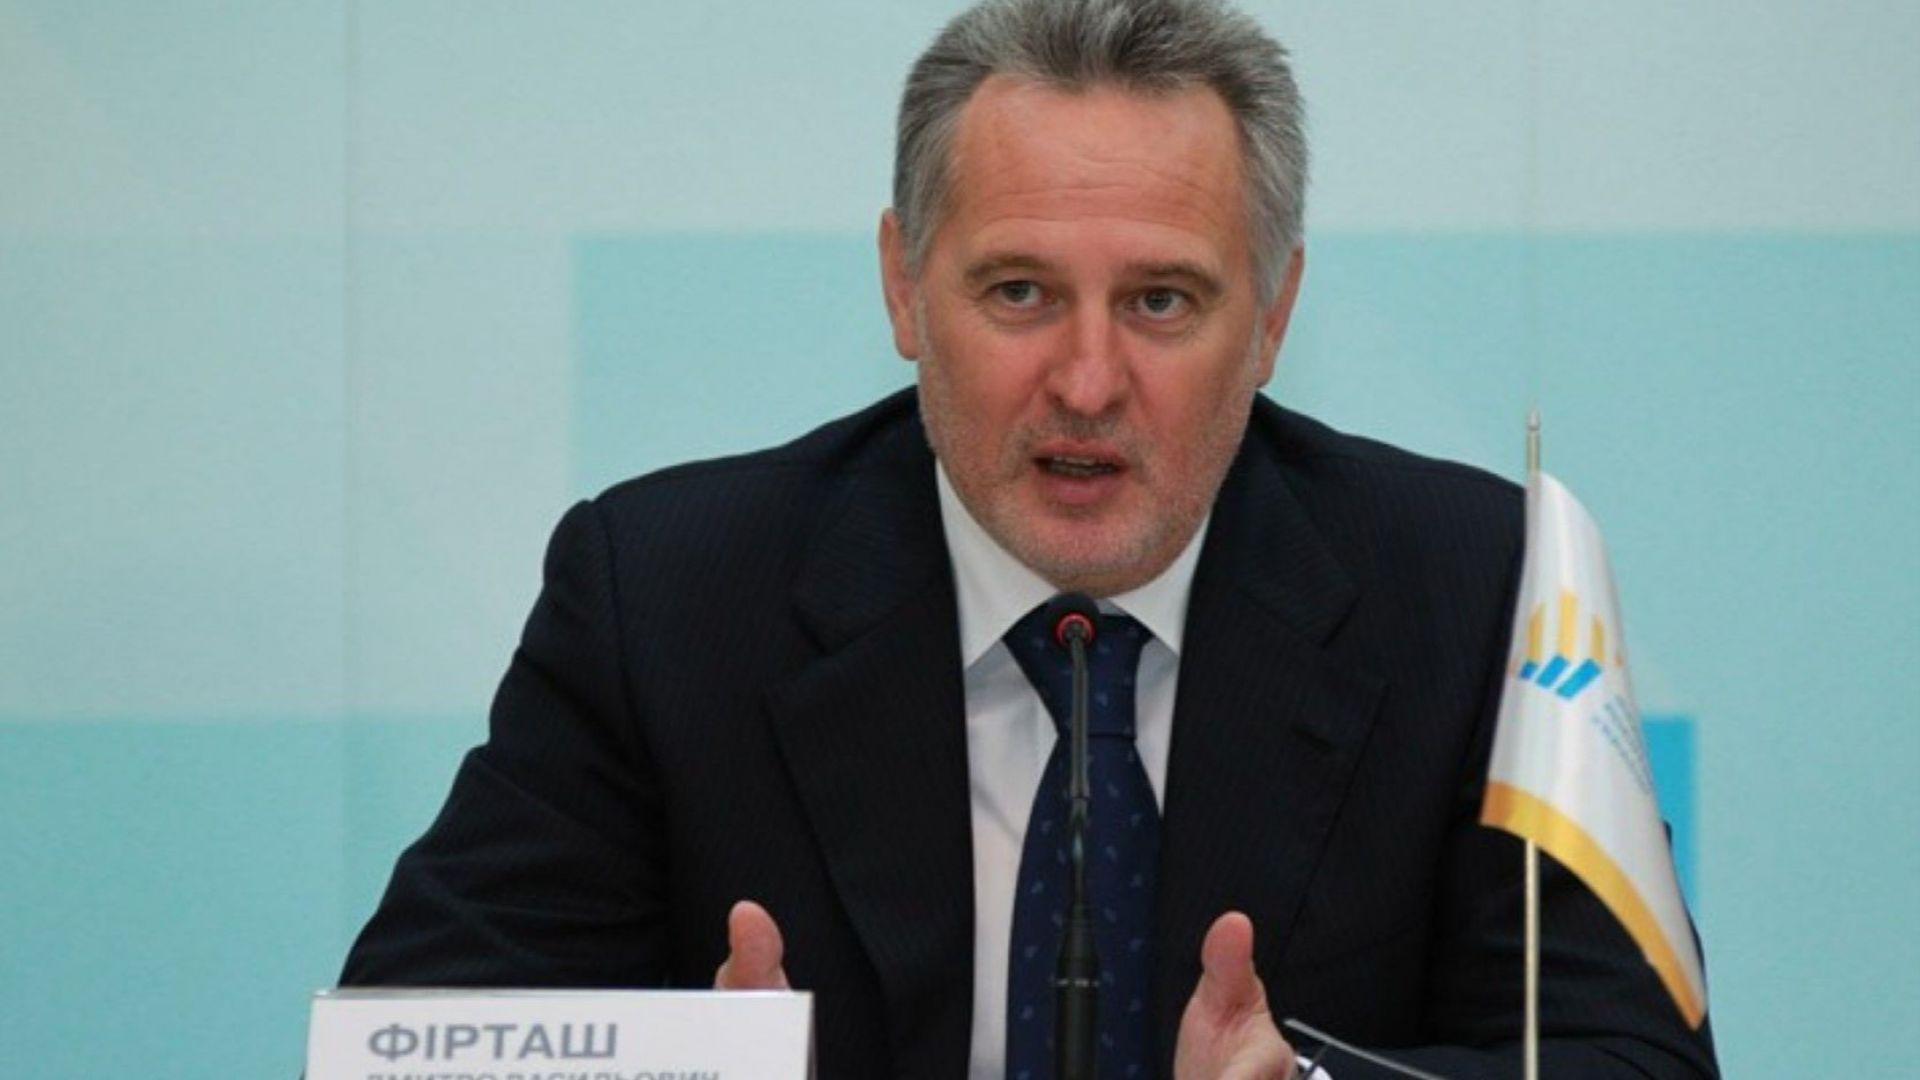 Върховният съд на Австрия подкрепи екстрадицията на украински олигарх в САЩ